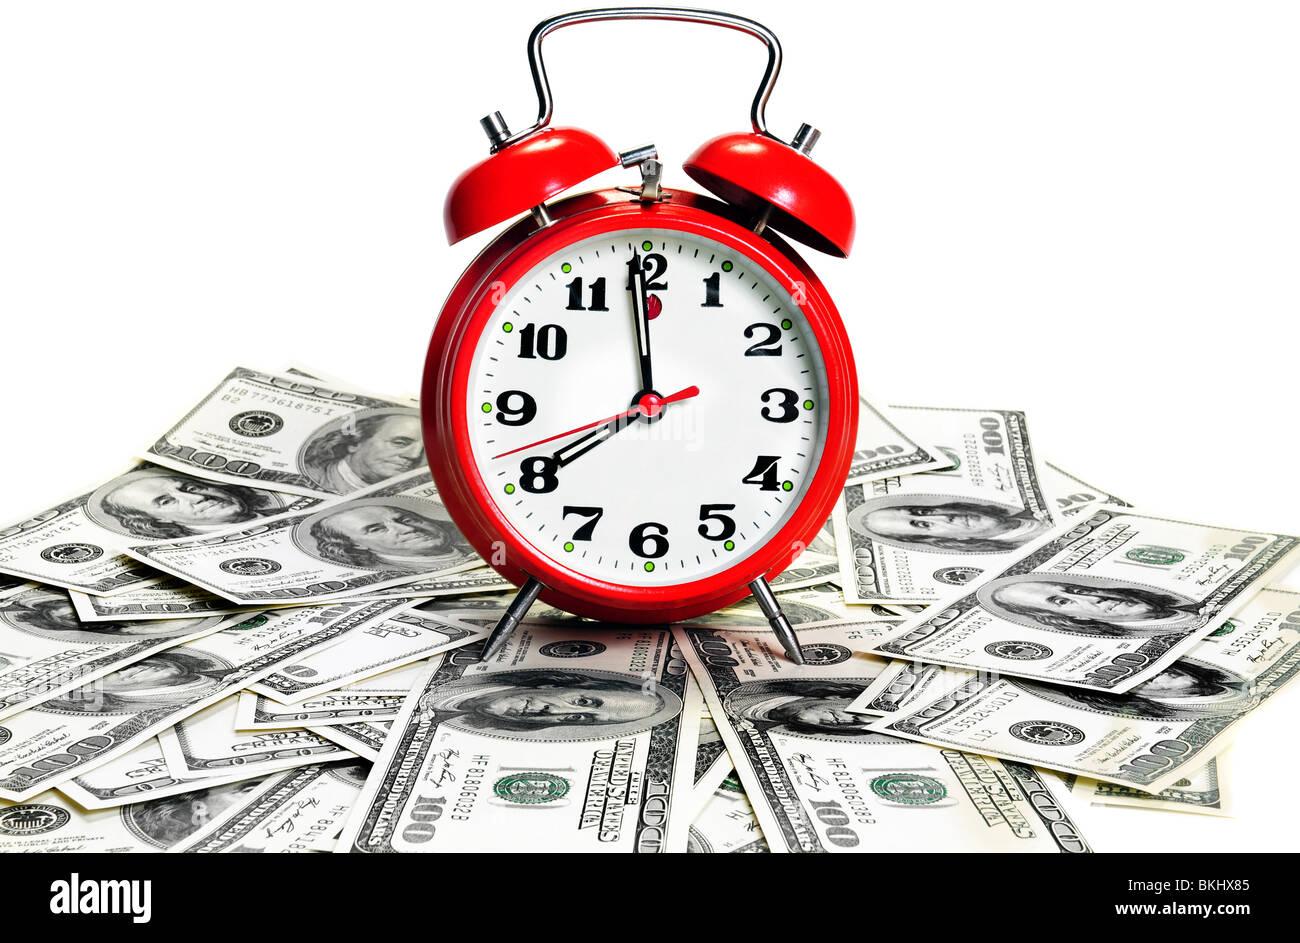 """""""El tiempo es dinero"""" concepto - Reloj despertador clásico en dólares. Alto contraste Imagen De Stock"""